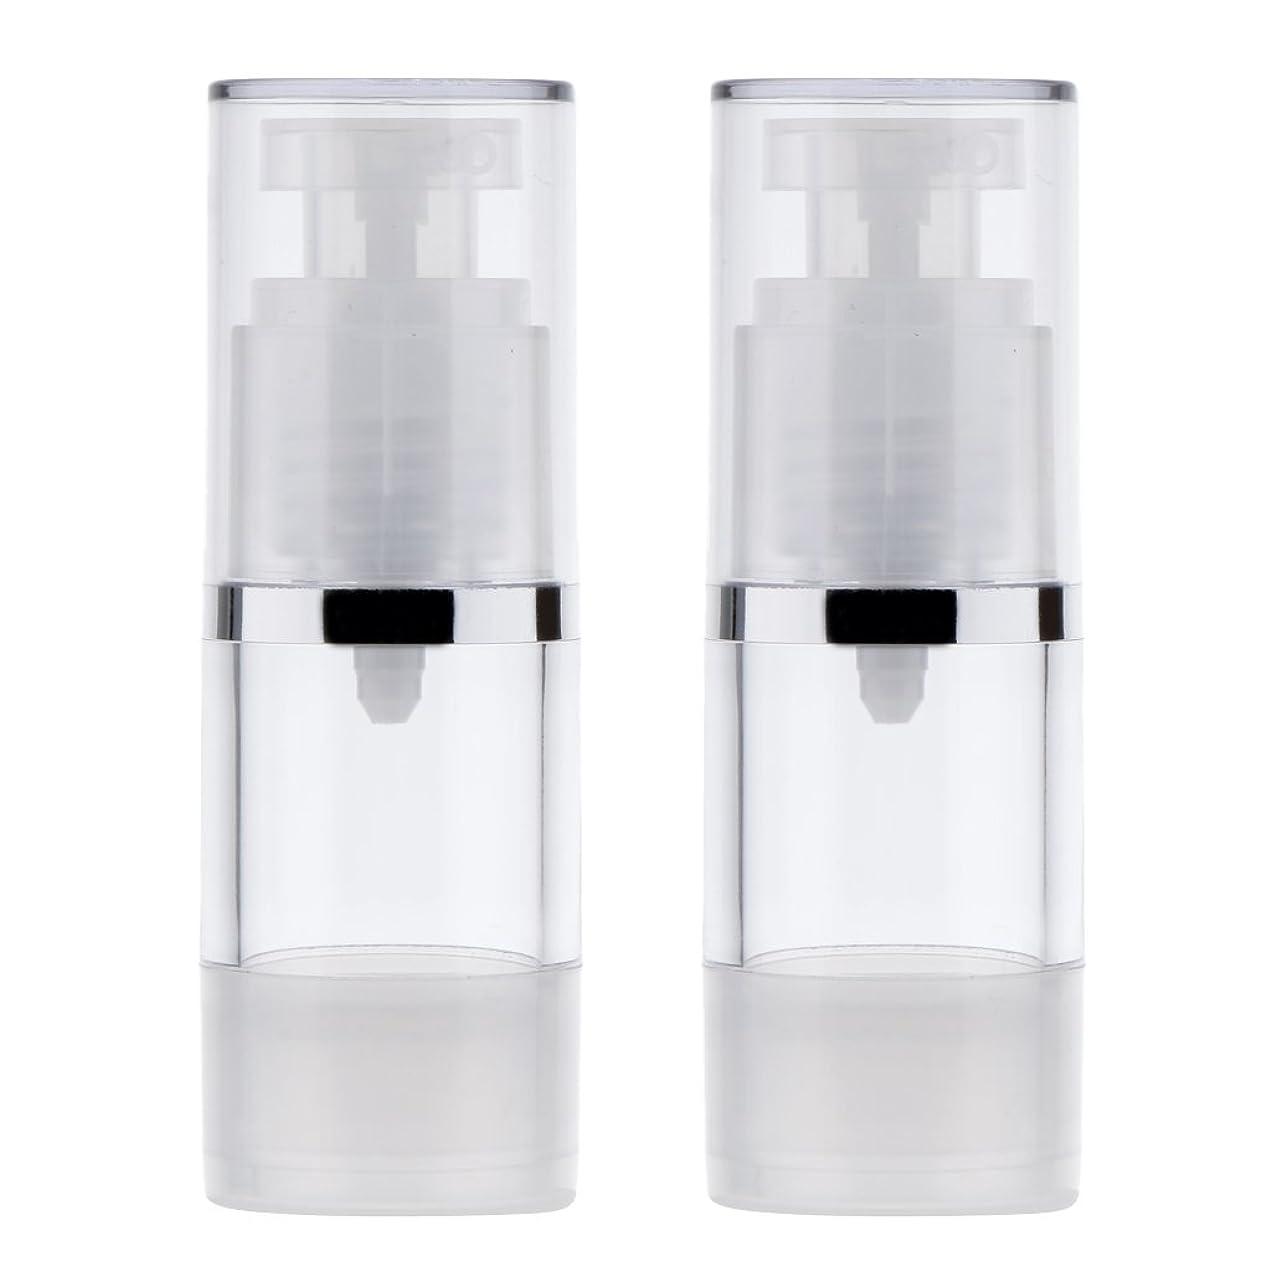 リテラシー大きさ証言するBlesiya 2個 ポンプボトル ディスペンサー 詰め替え可 化粧品 クリーム ローション ポンプチューブ エアレスボトル 収納用 容器 3サイズ選べる - 15ml